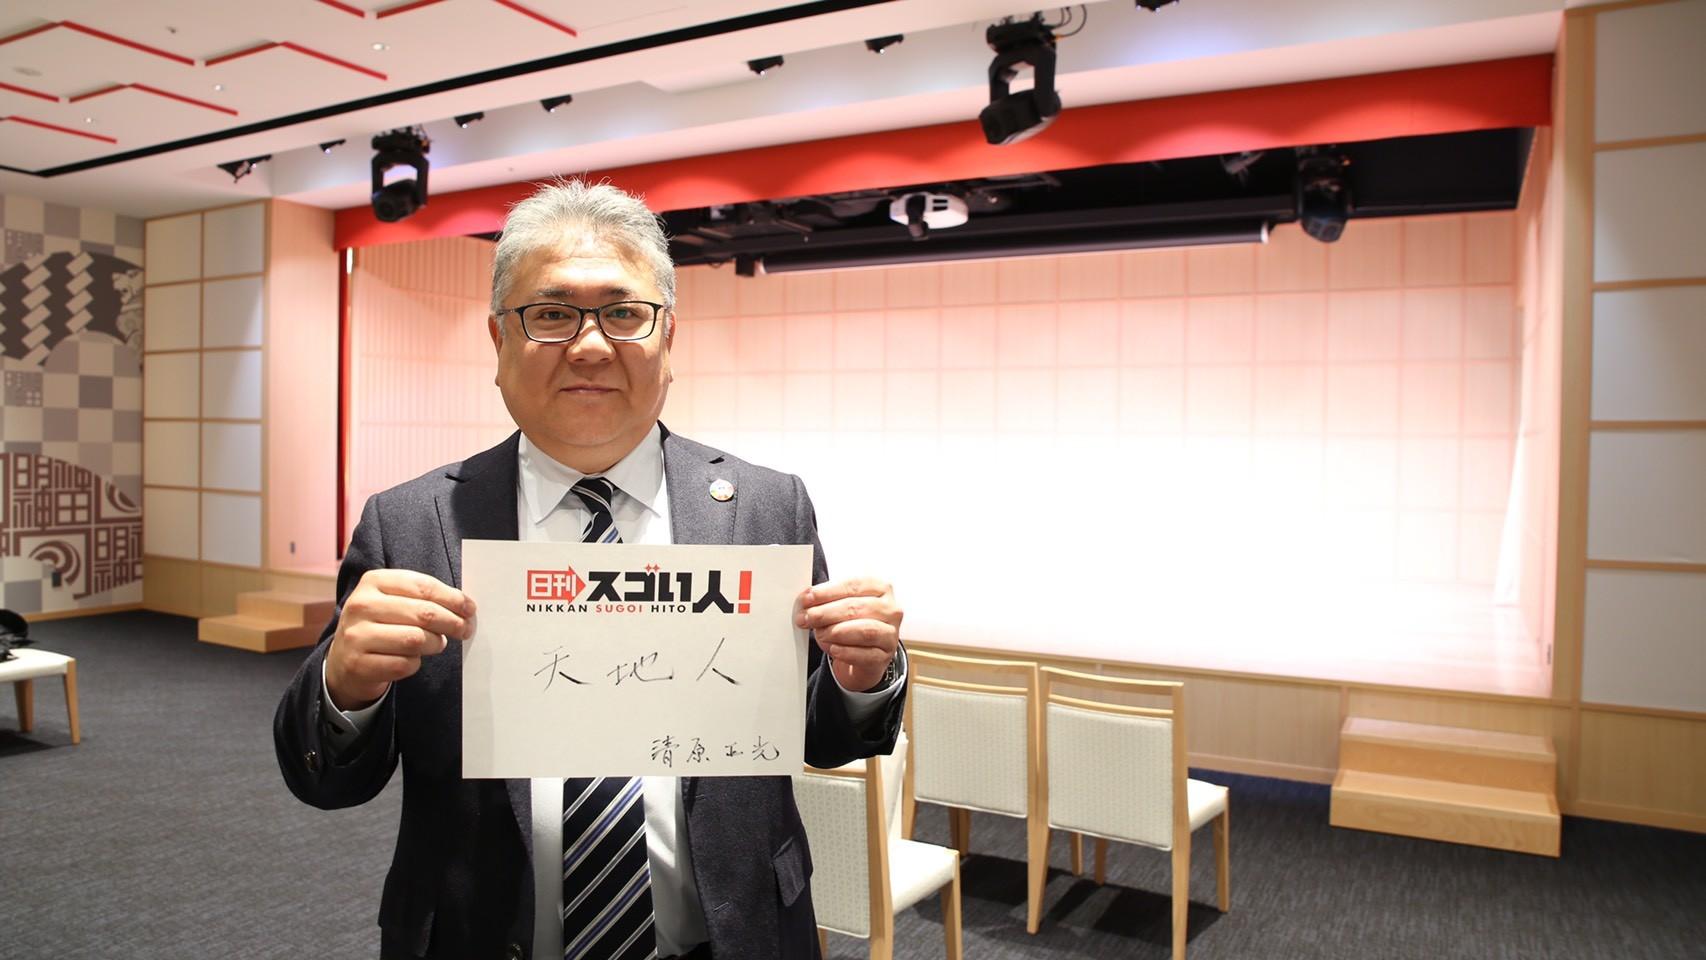 (日本語) 神主から企業経営者へ!異色の経歴で日本の神道精神を守るスゴい人!DAY1